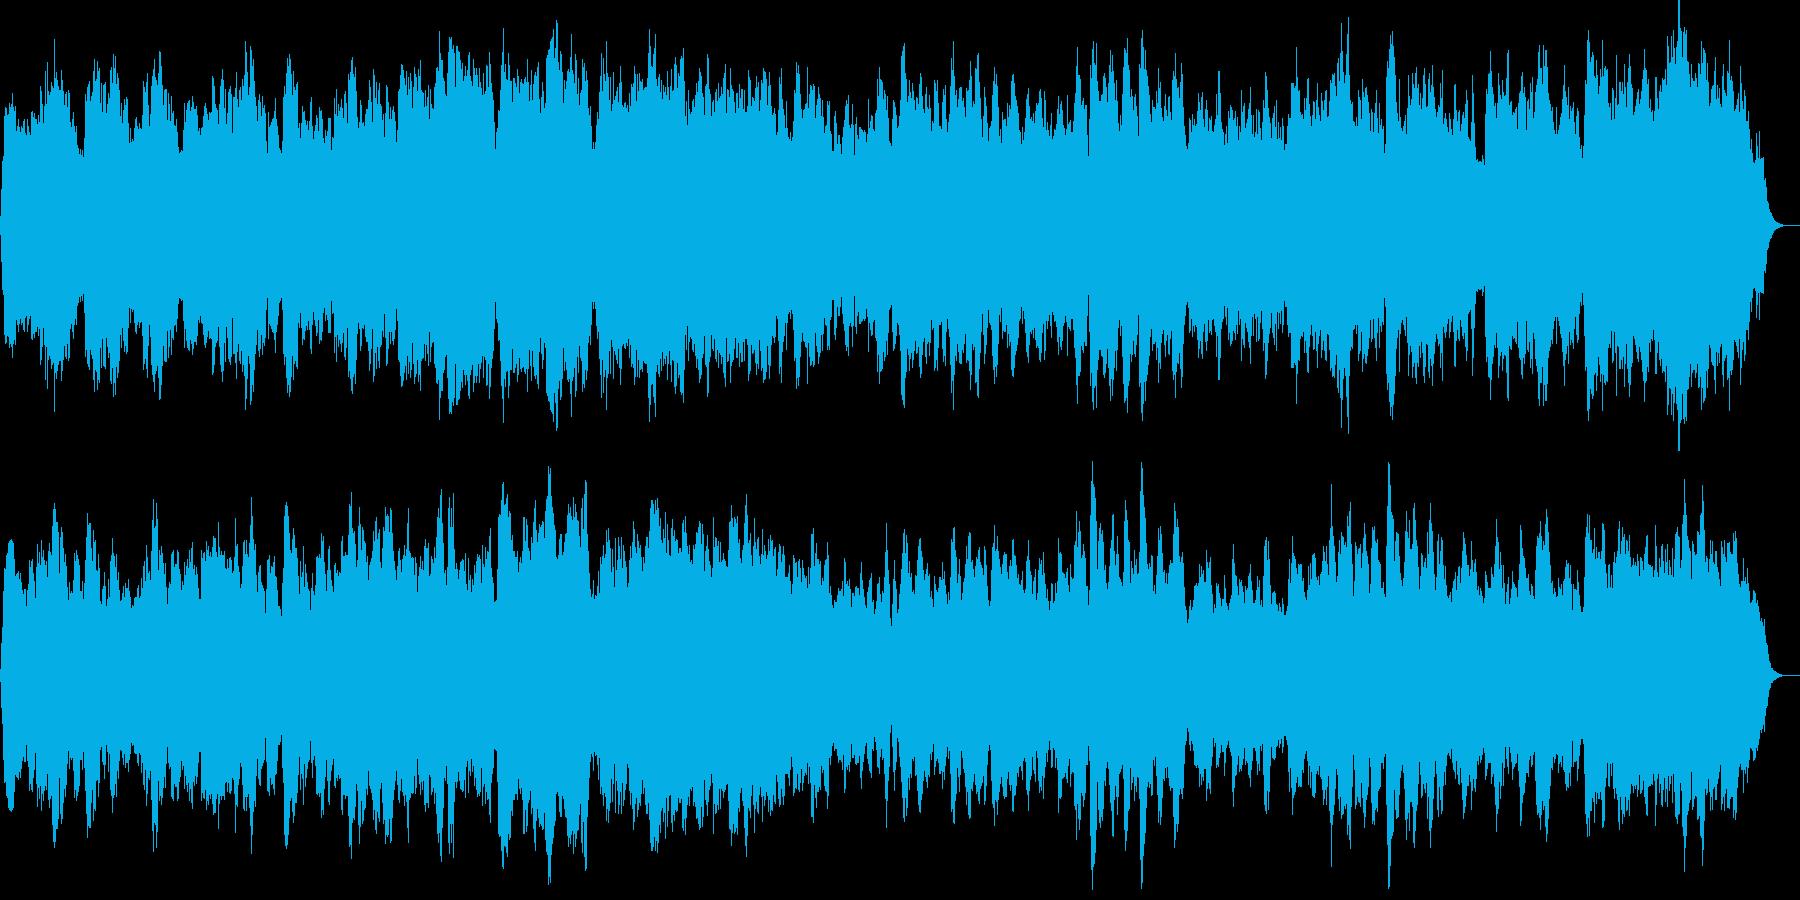 バッハのようなパイプオルガンの四声の曲の再生済みの波形